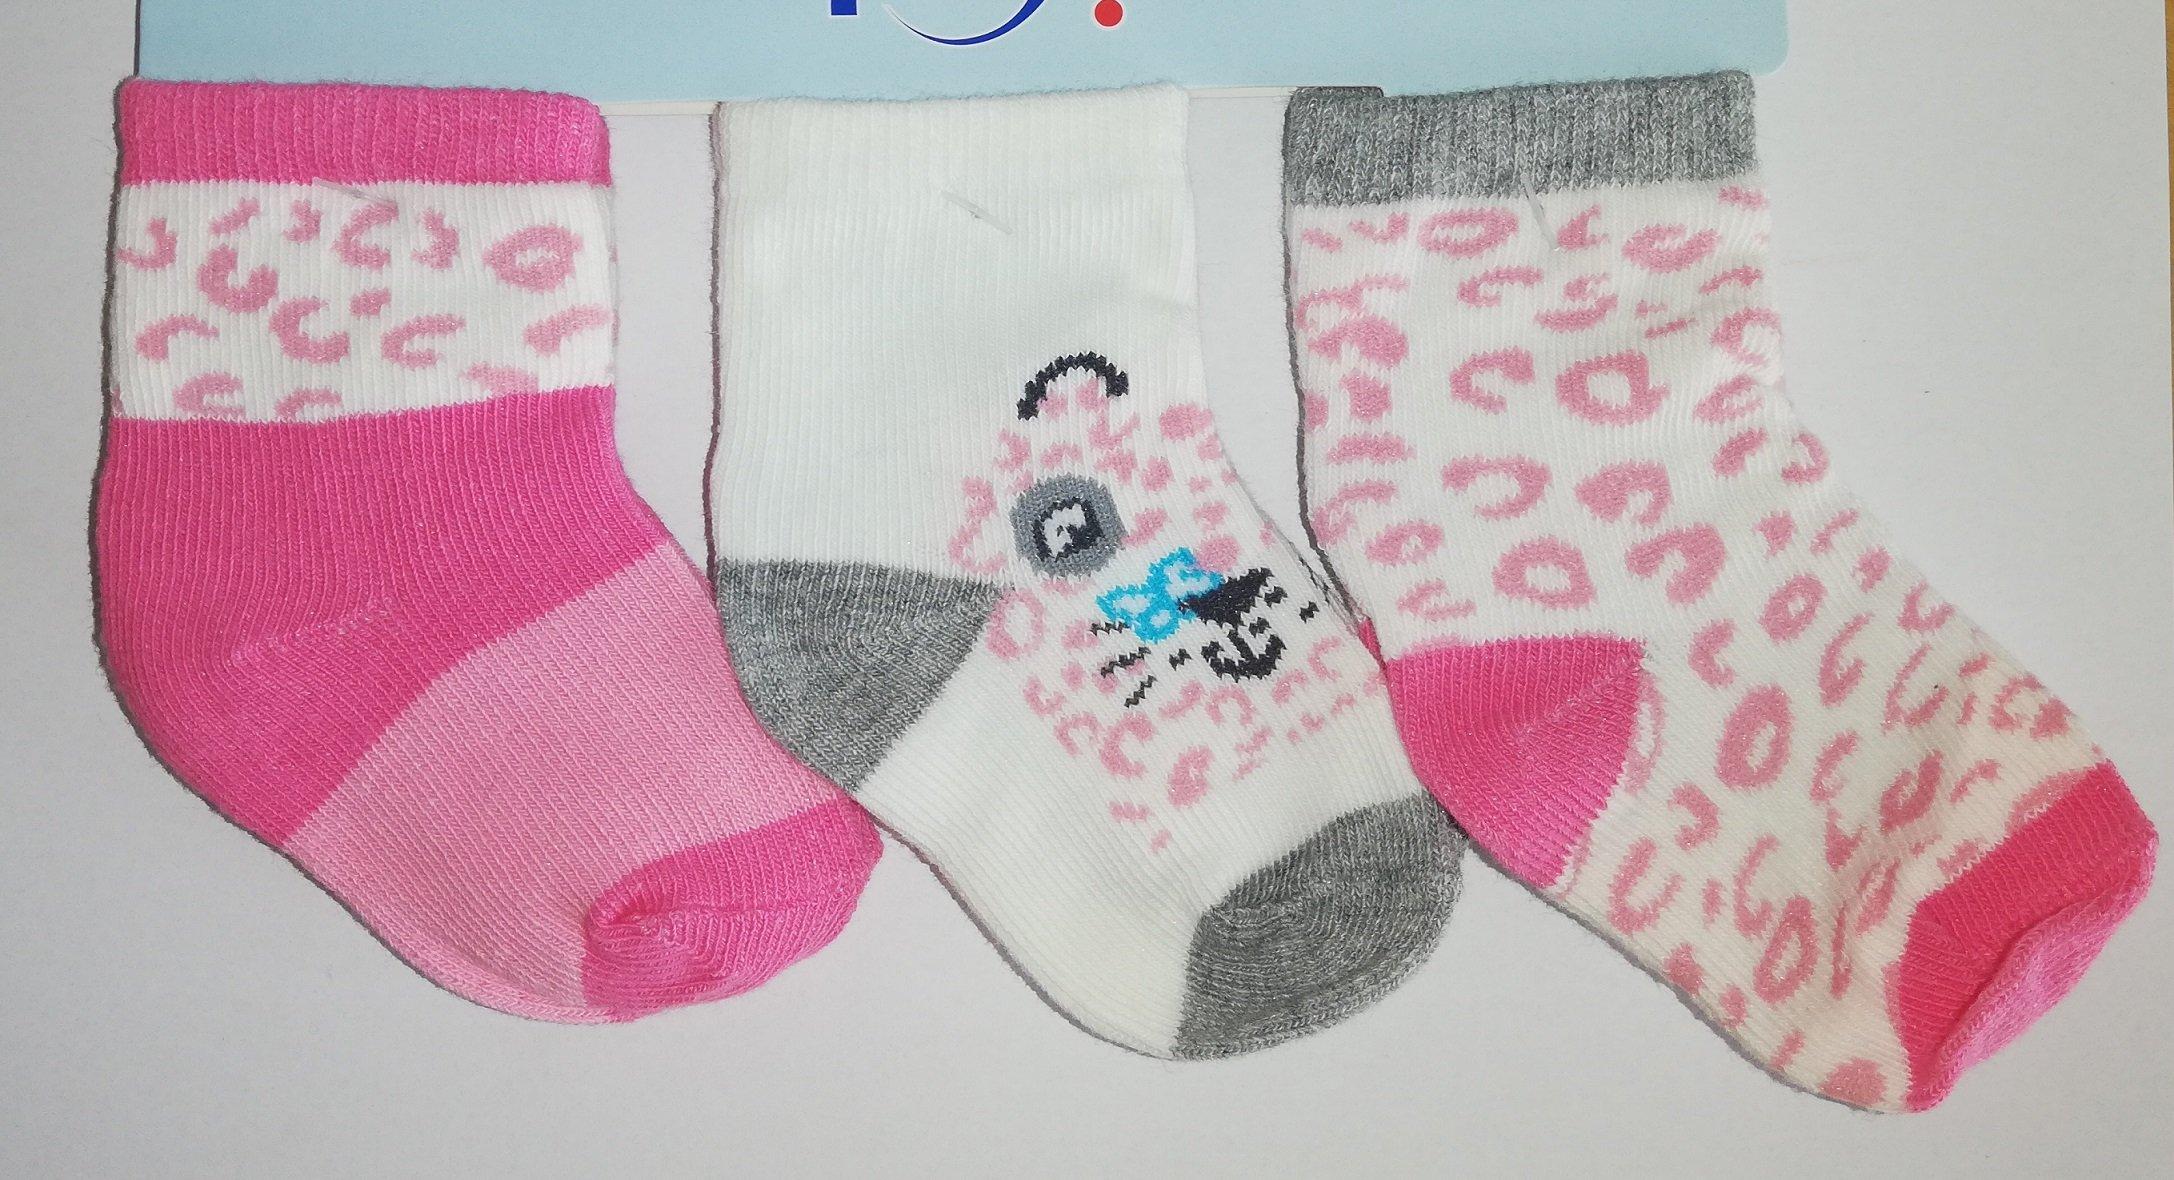 Ponožky kojenecké 3 páry v balení 6-9m barevné holka pejsek - zvìtšit obrázek